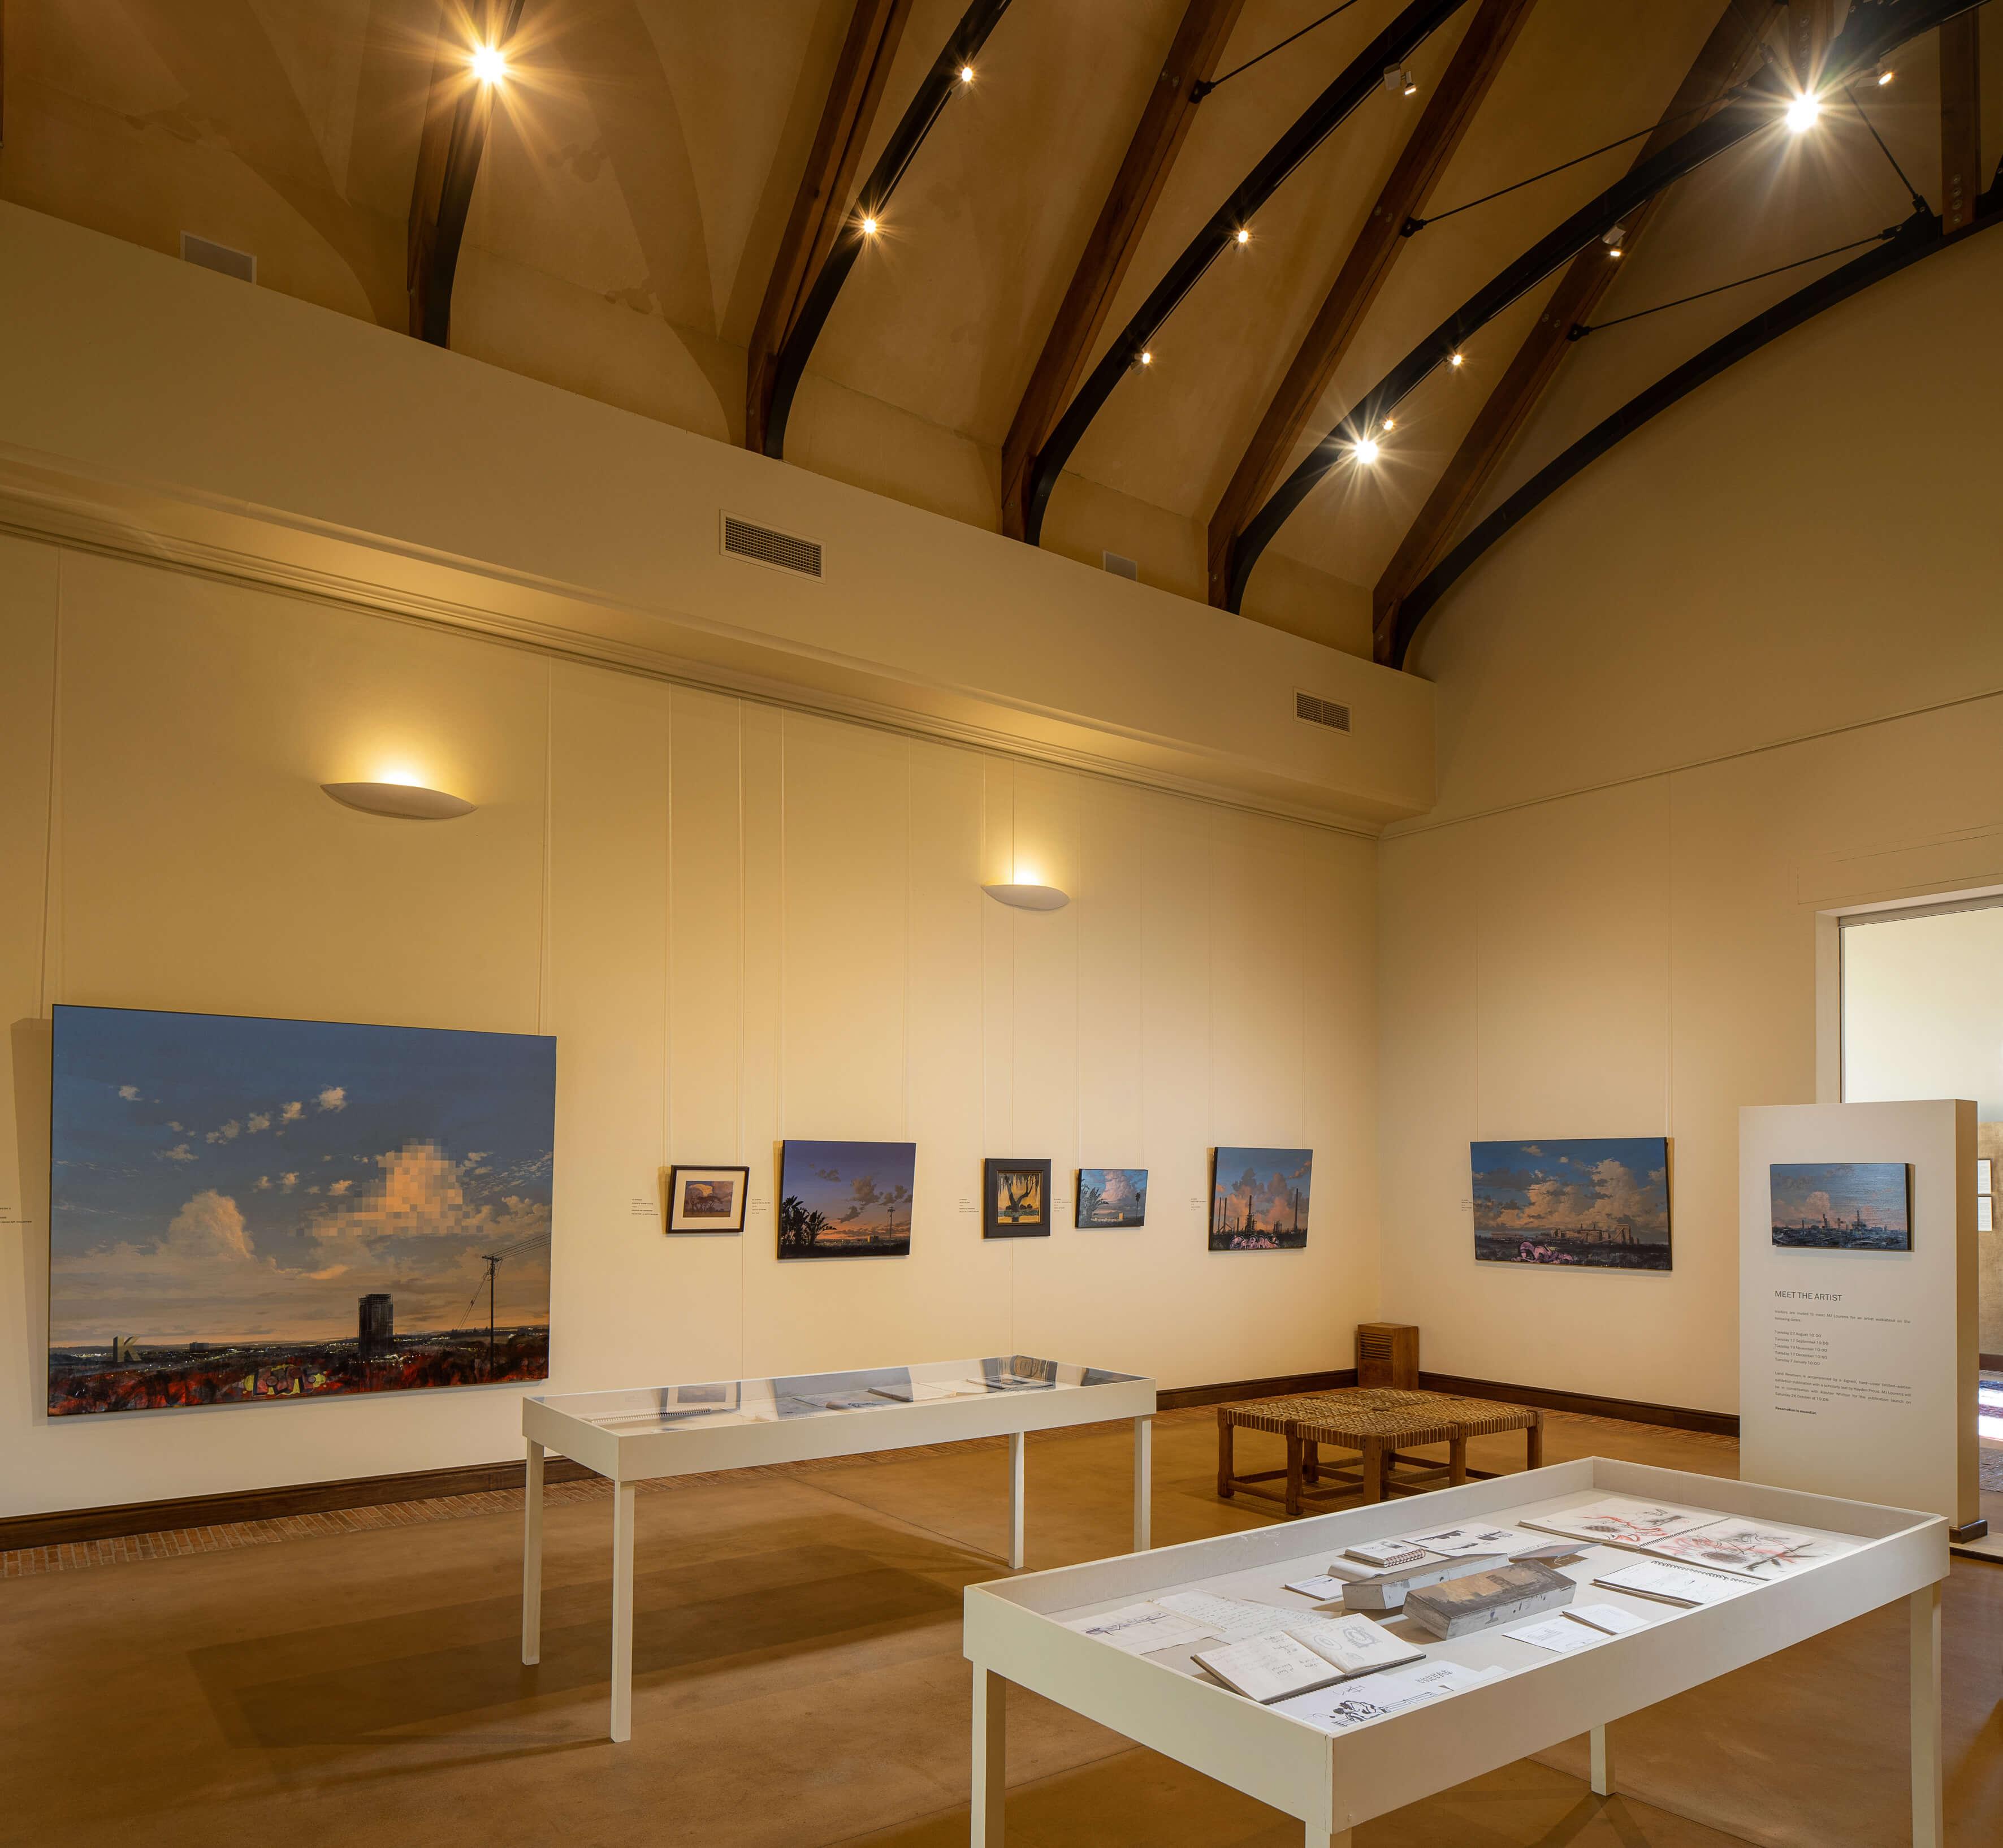 Exposición 'Land Rewoven'. Imagen cortesía del Museo La Motte.